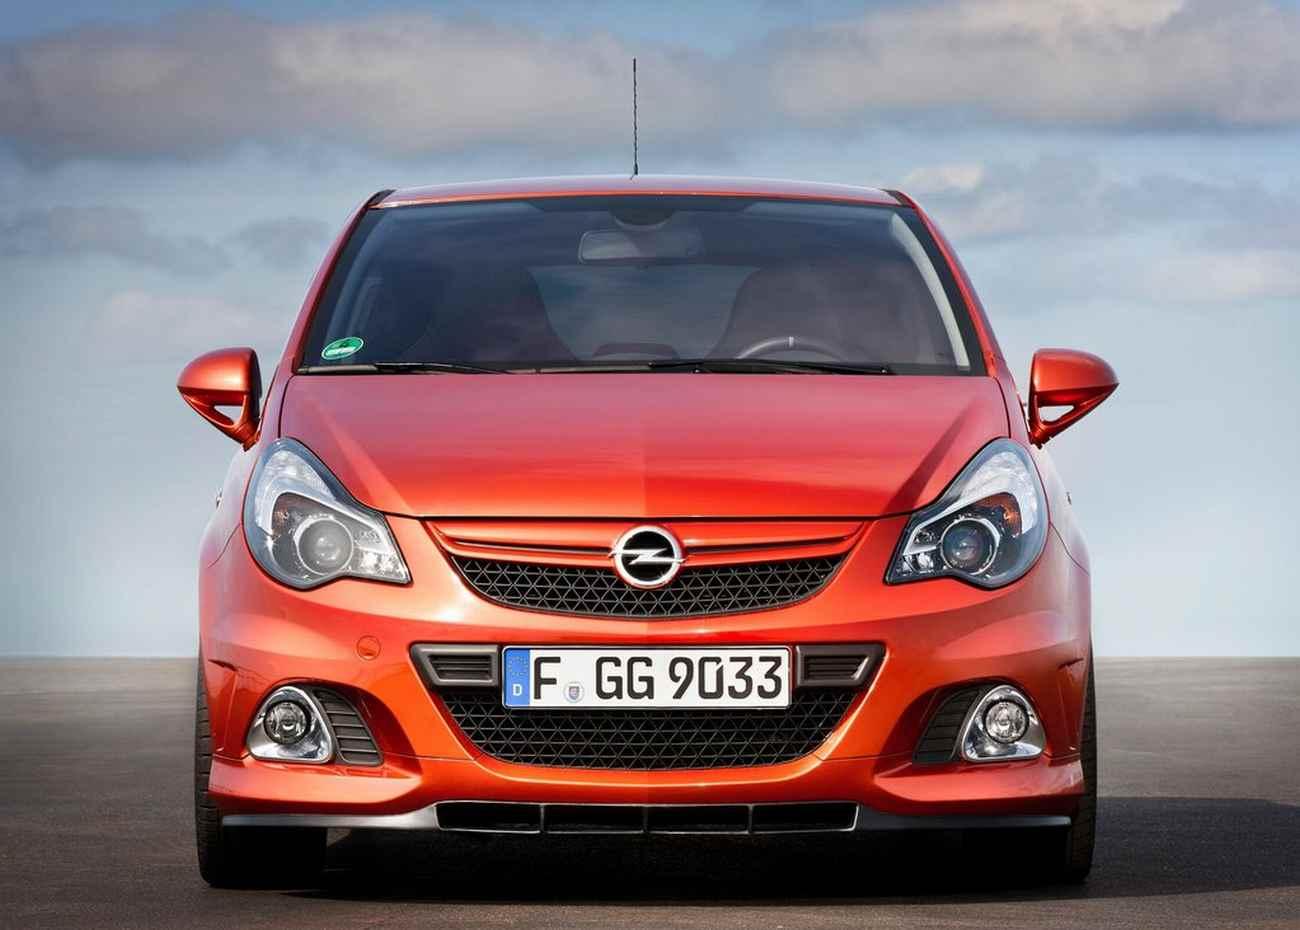 Carsautomotive: Opel Corsa OPC Nurburgring Edition 2011 Pics